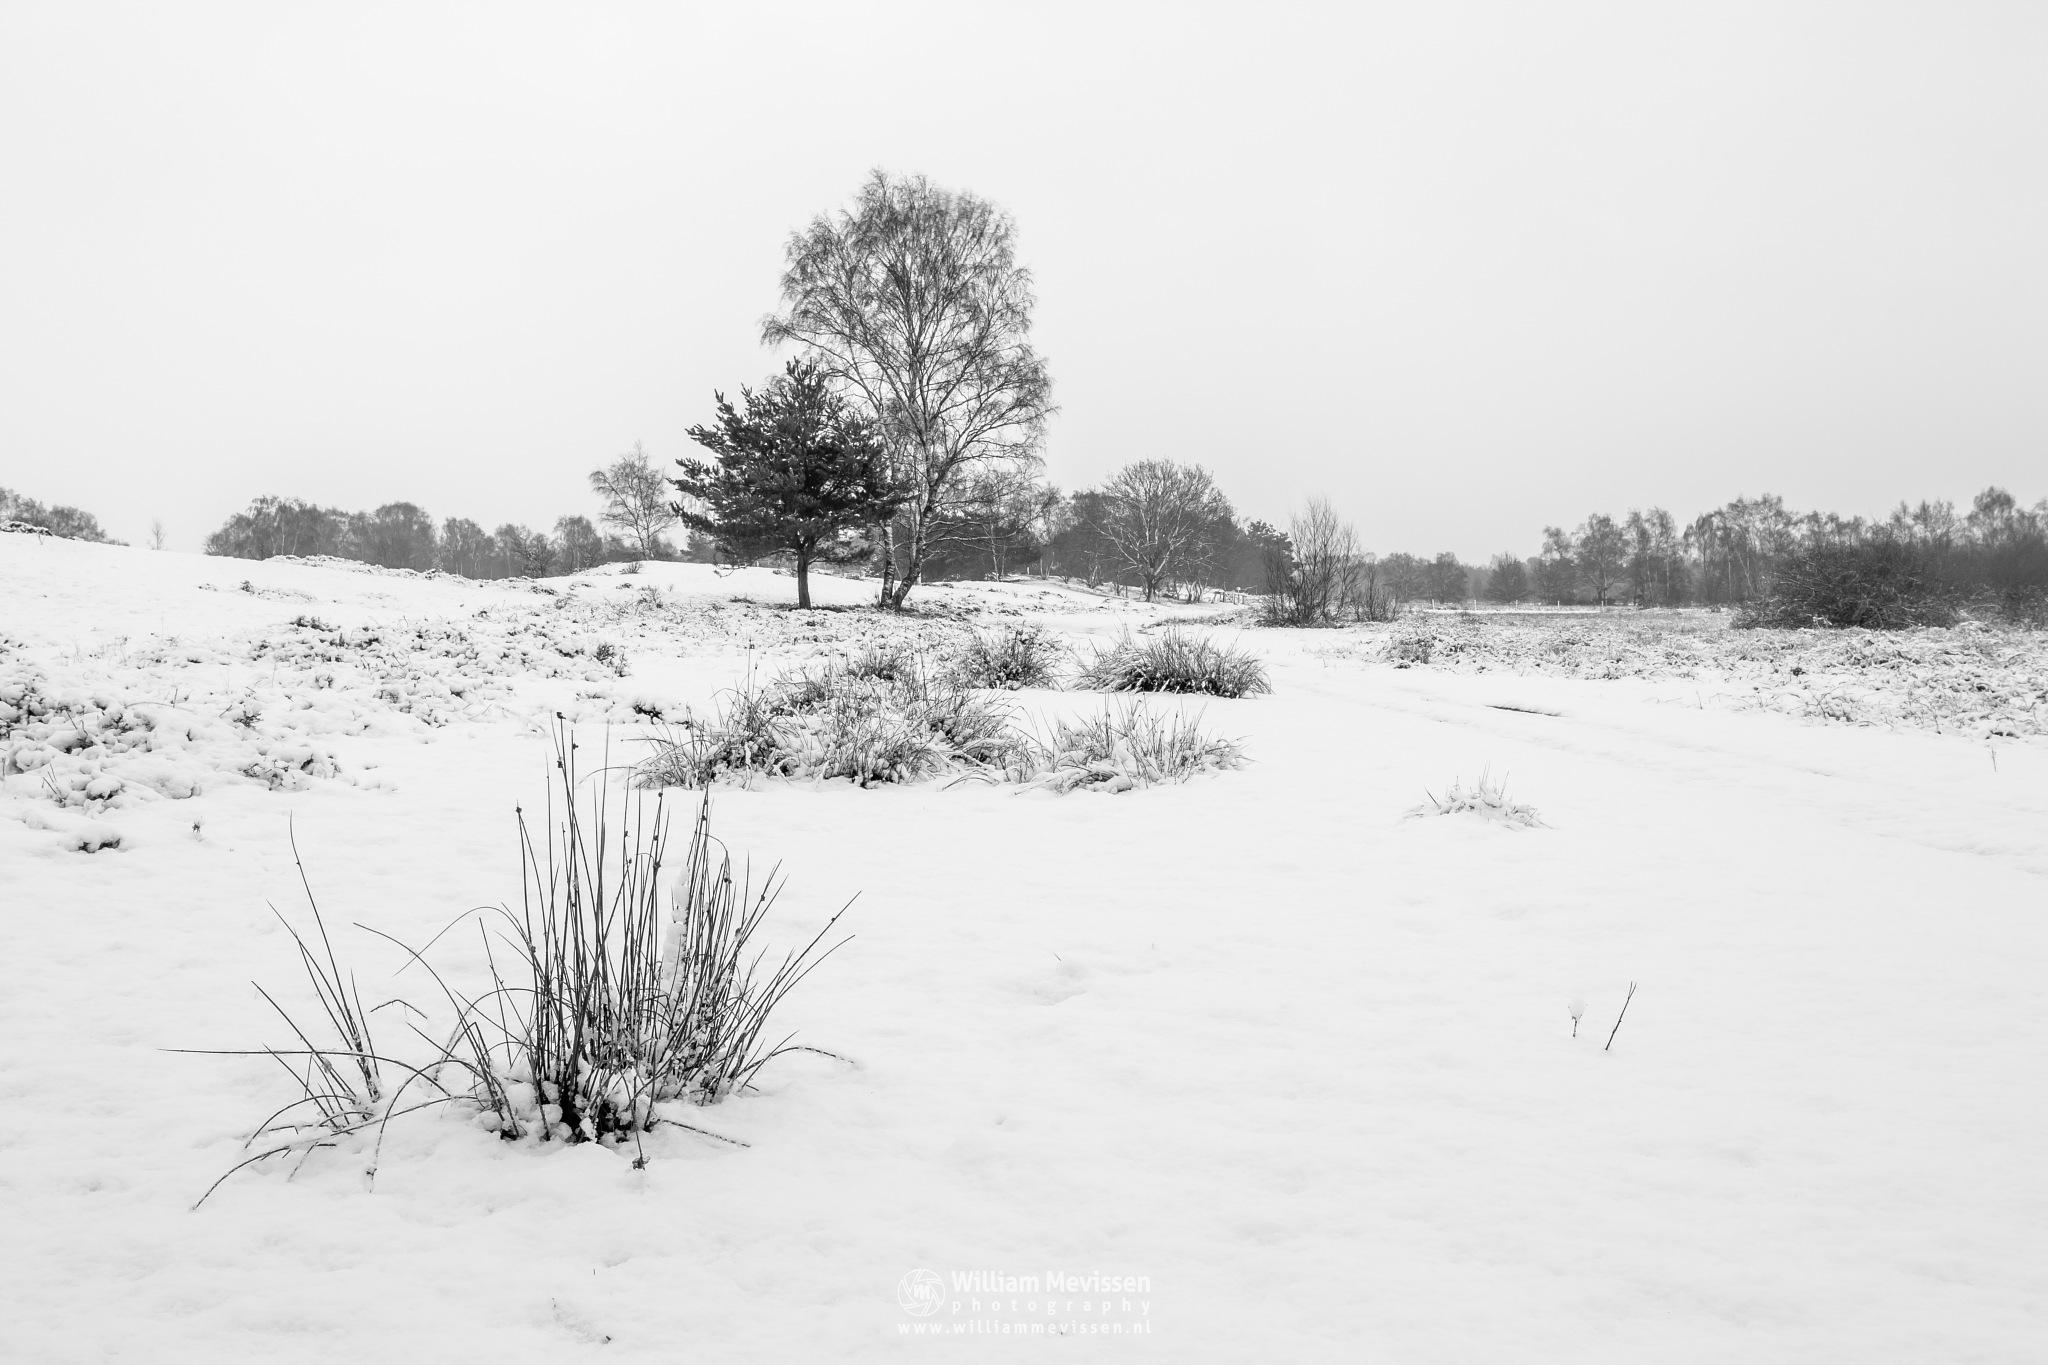 Winter Landscape by William Mevissen